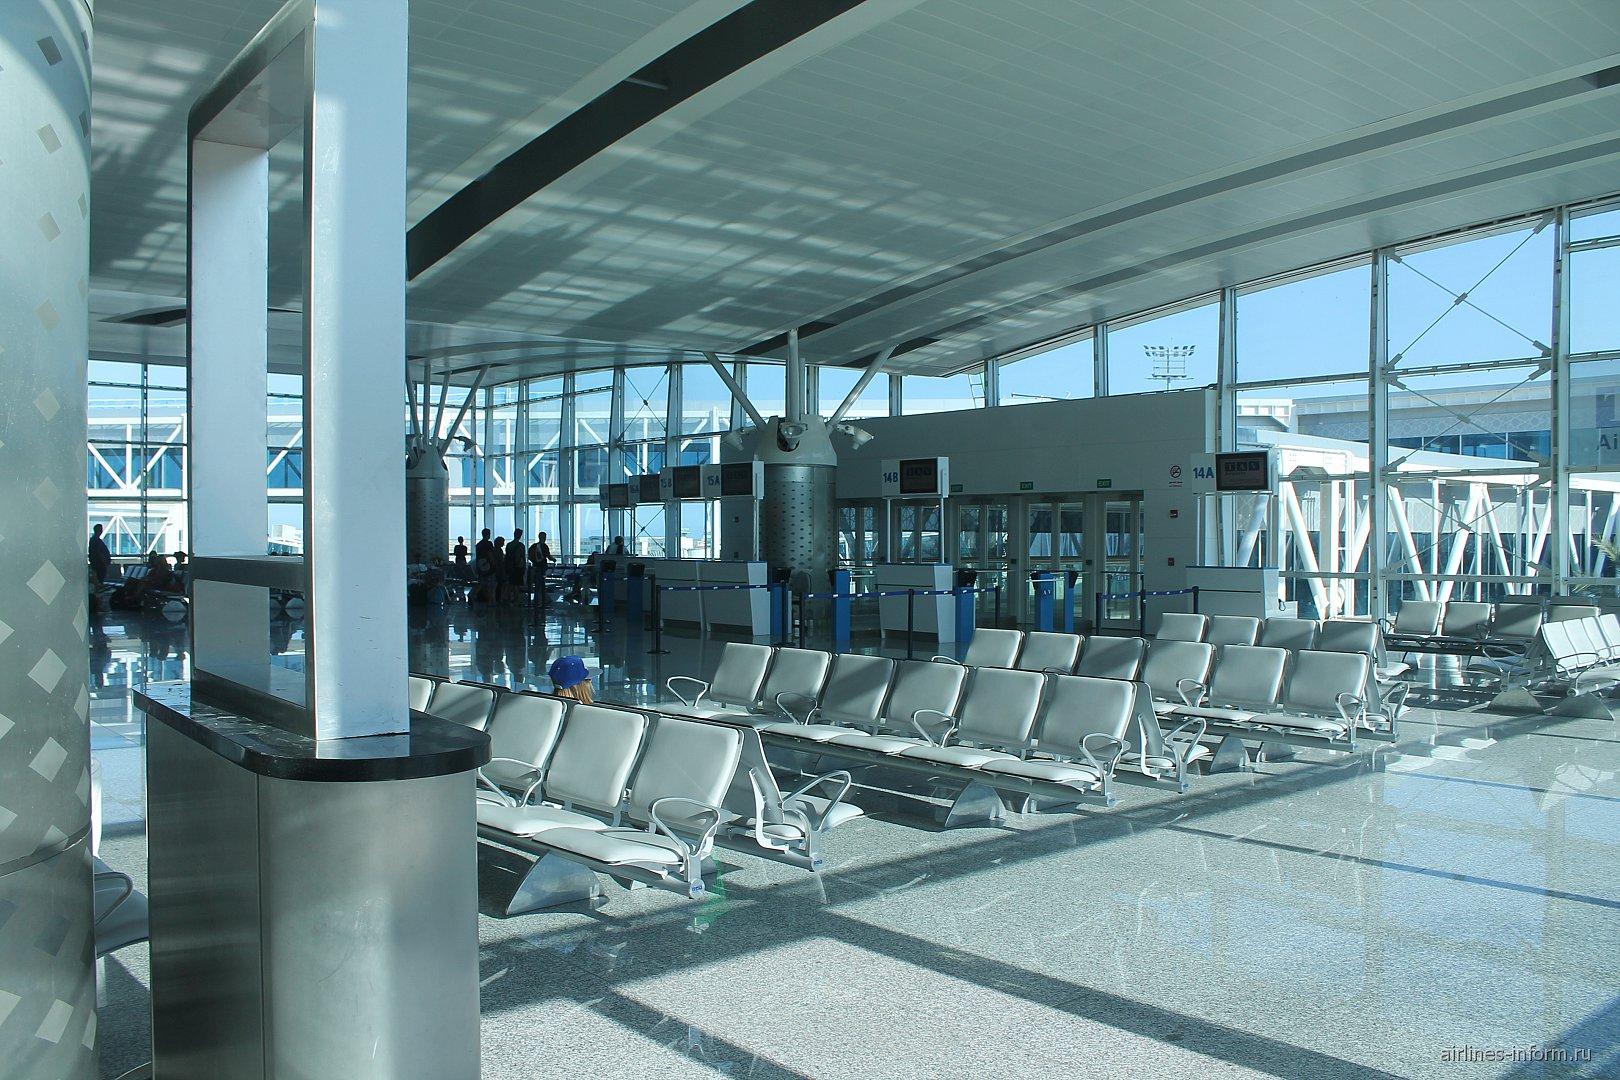 Зал ожидания в чистой зоне аэропорта Энфида-Хаммамет